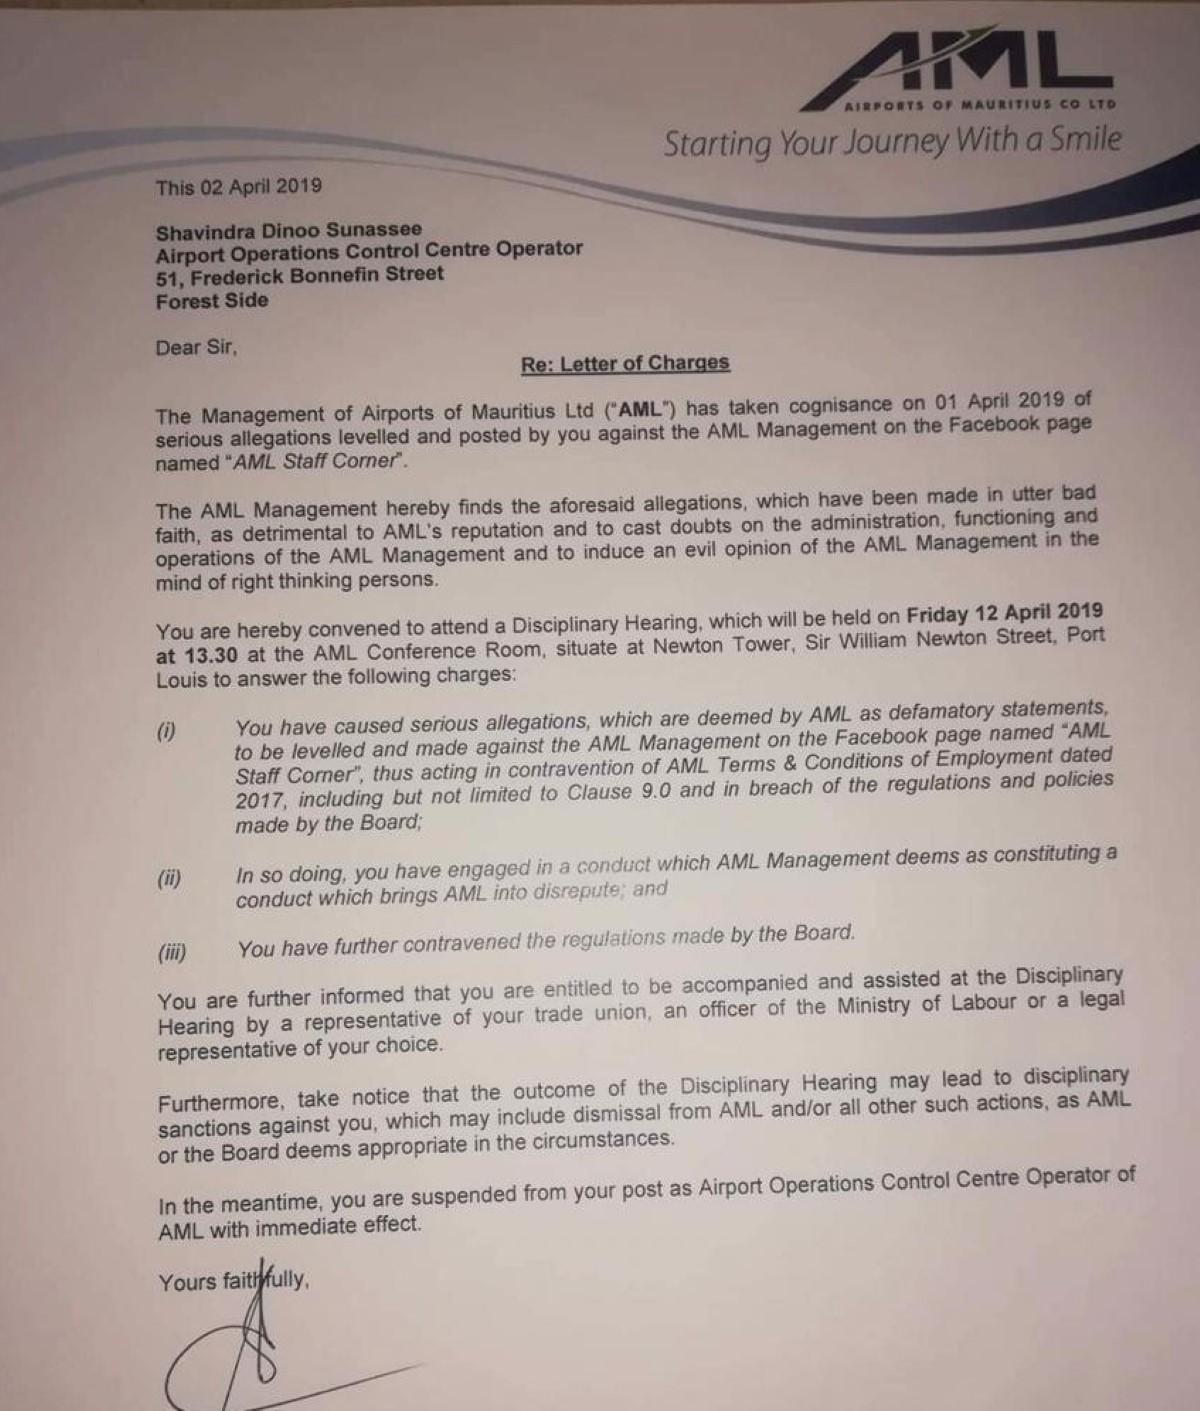 Certains propos sur Facebook à l'origine de la suspension d'un officier d'Airports of Mauritius Ltd